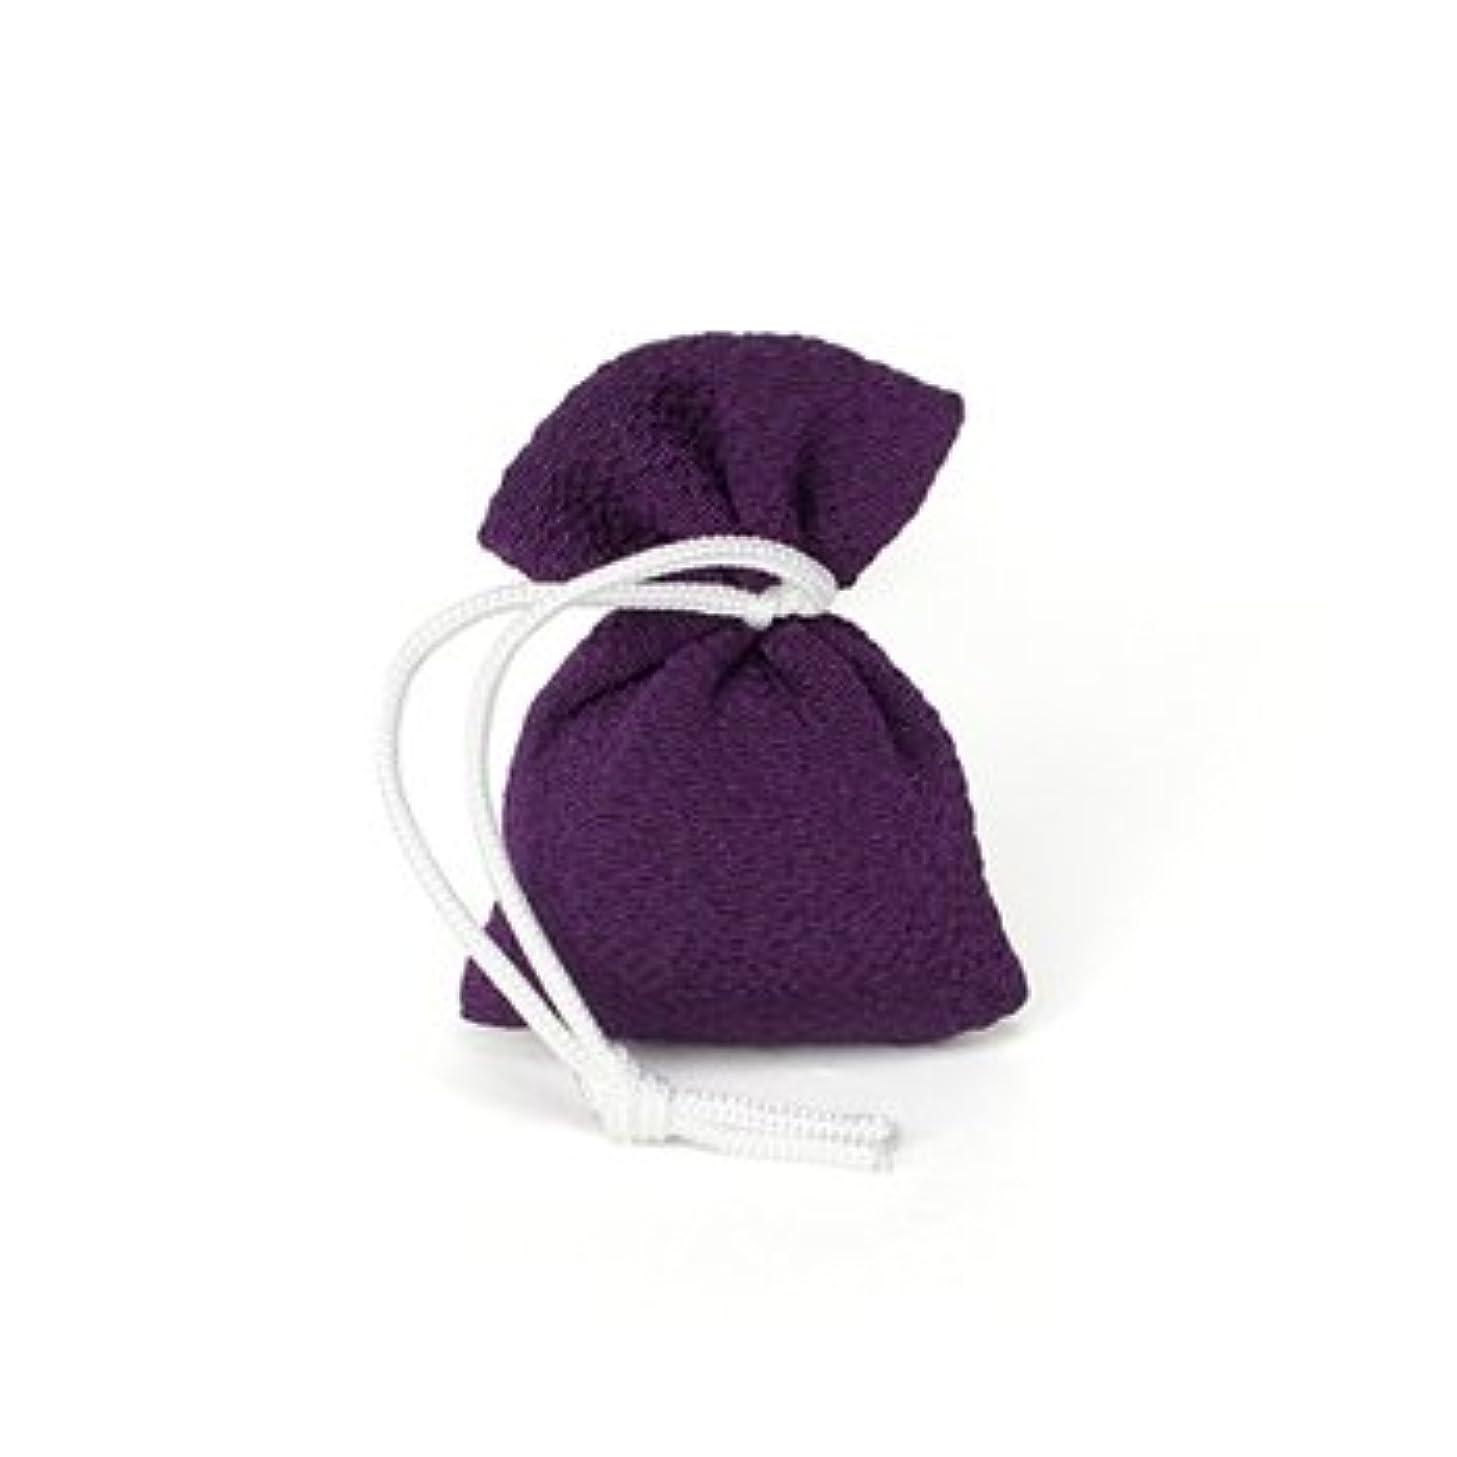 ポップオデュッセウス雇用松栄堂 匂い袋 誰が袖 携帯用 1個入 ケースなし (色をお選びください) (古代紫)